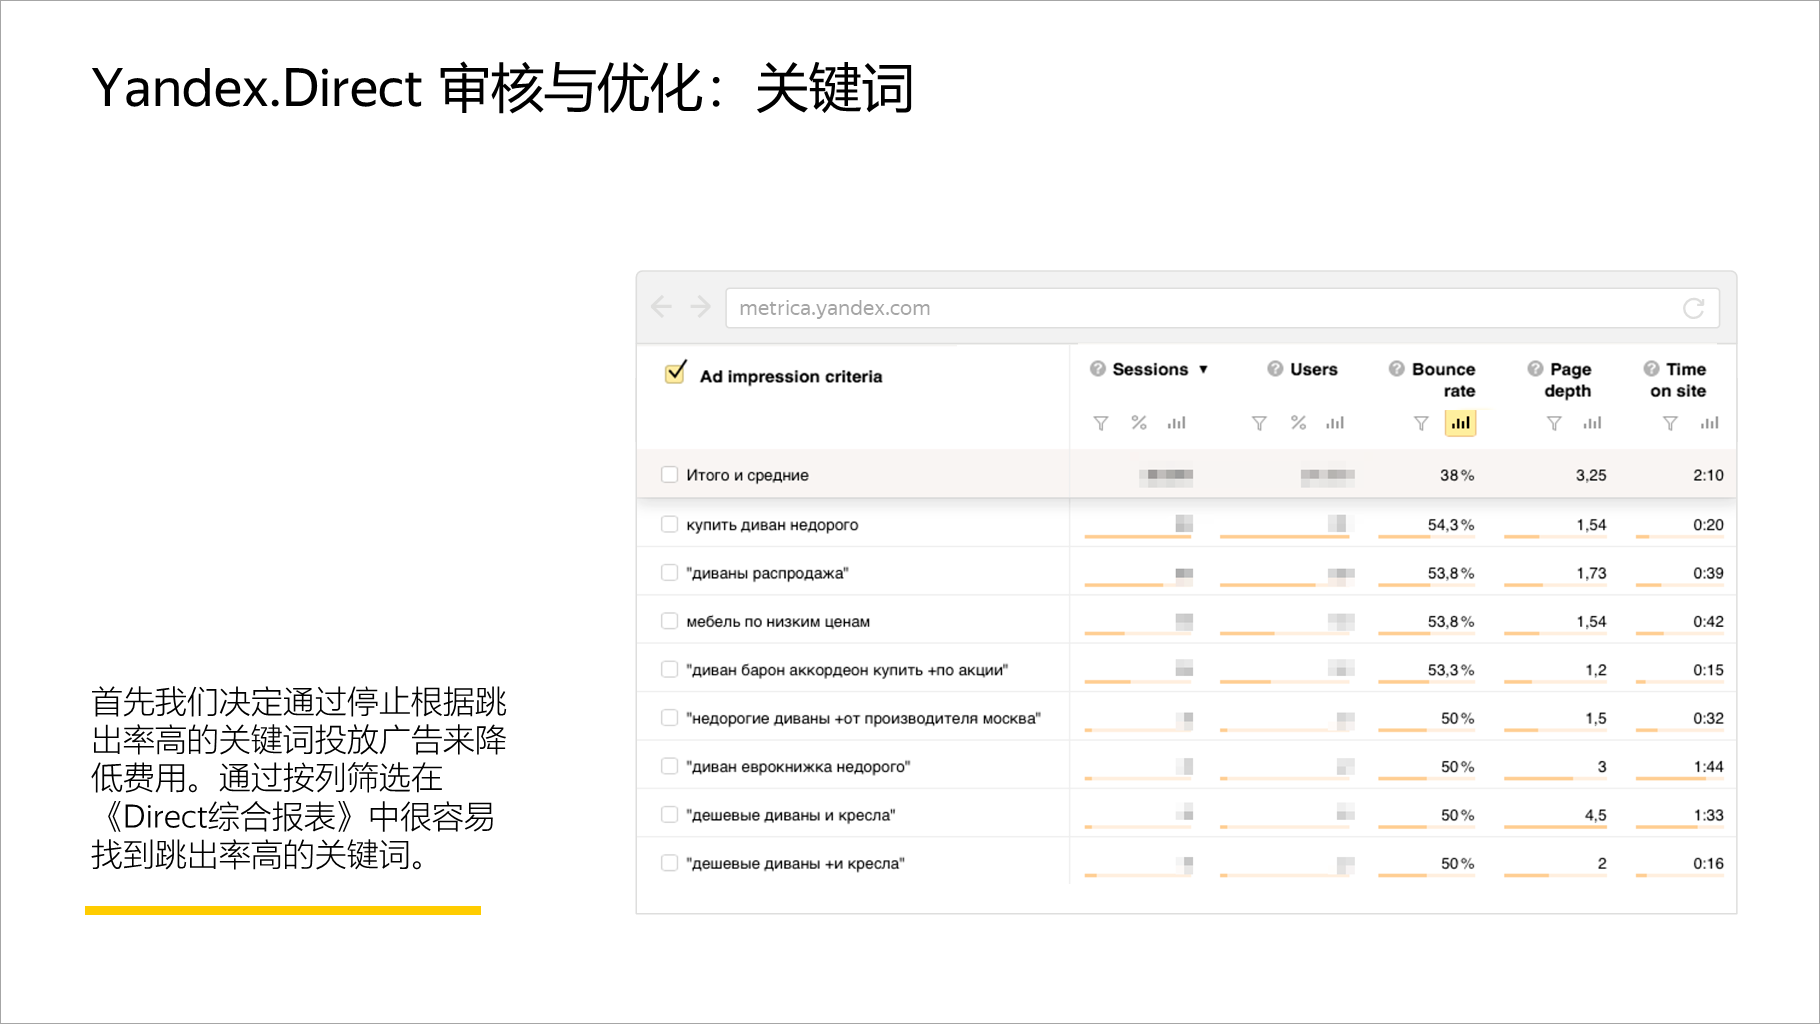 Yandex.Direct 审核与优化:关键词